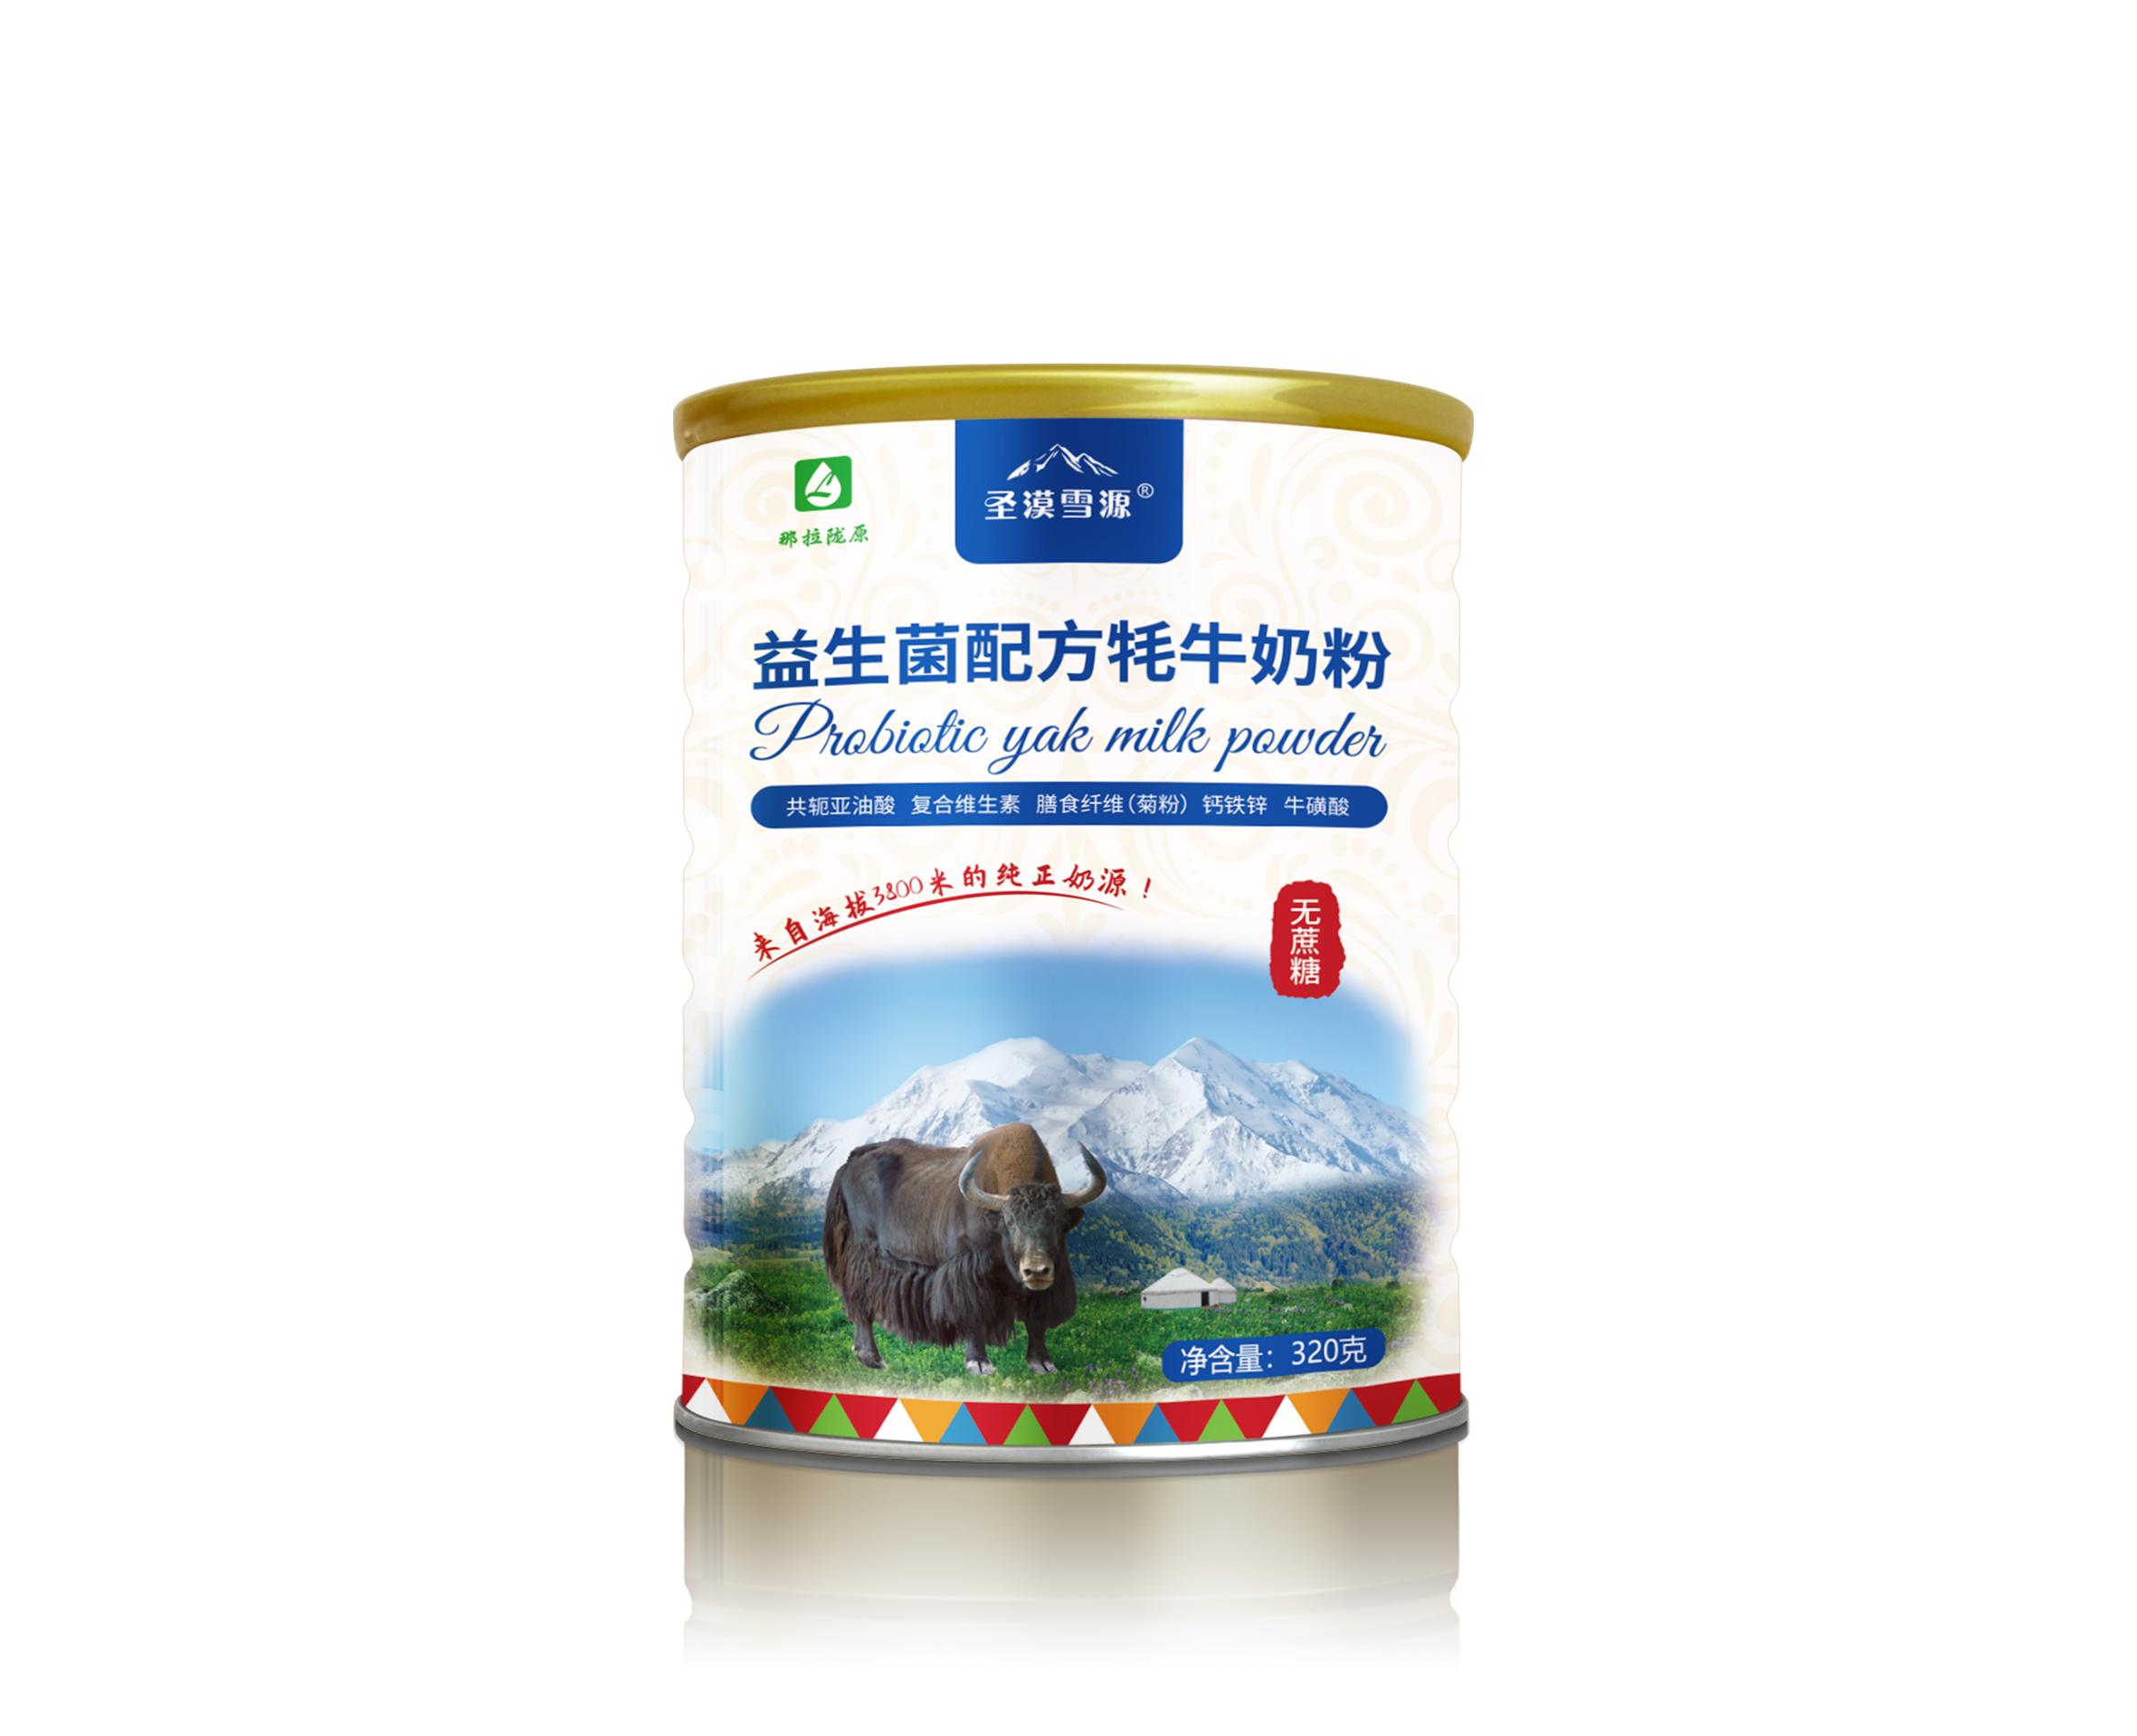 牦牛奶粉 益生菌牦牛奶粉